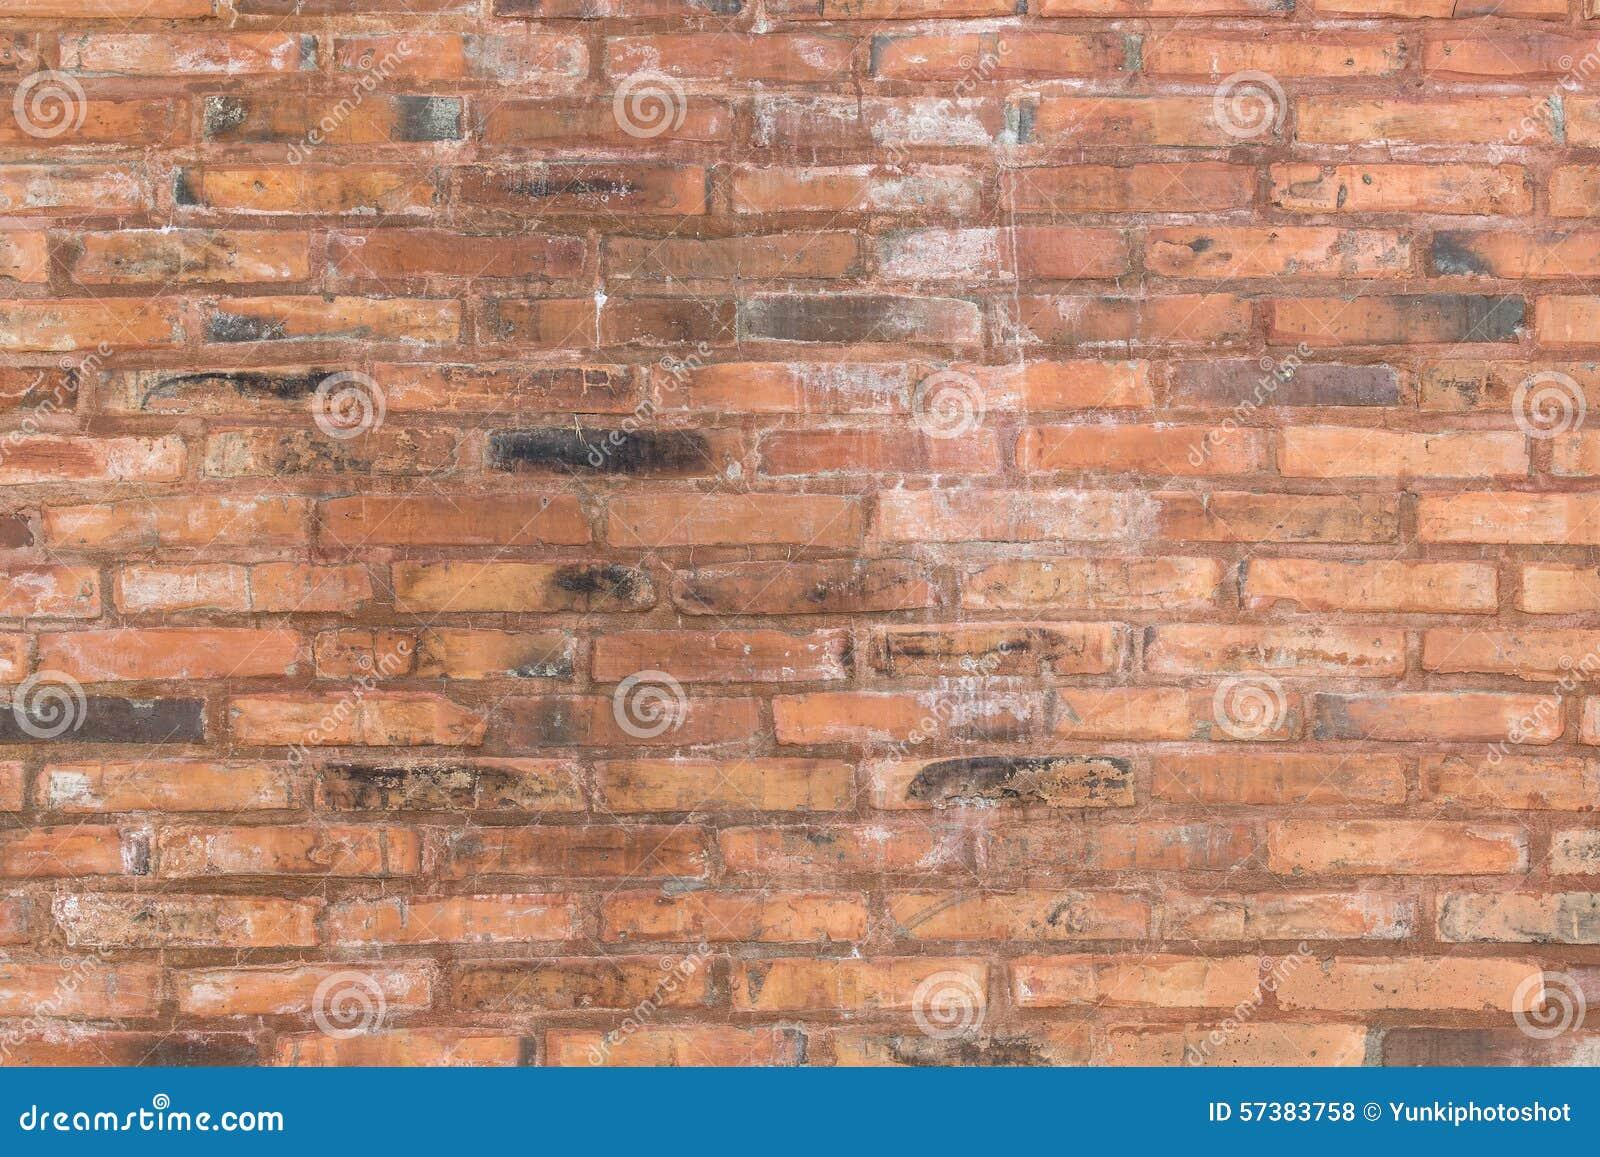 De rode oude achtergrond van de bakstenen muurtextuur voor mede binnenhuisarchitectuur